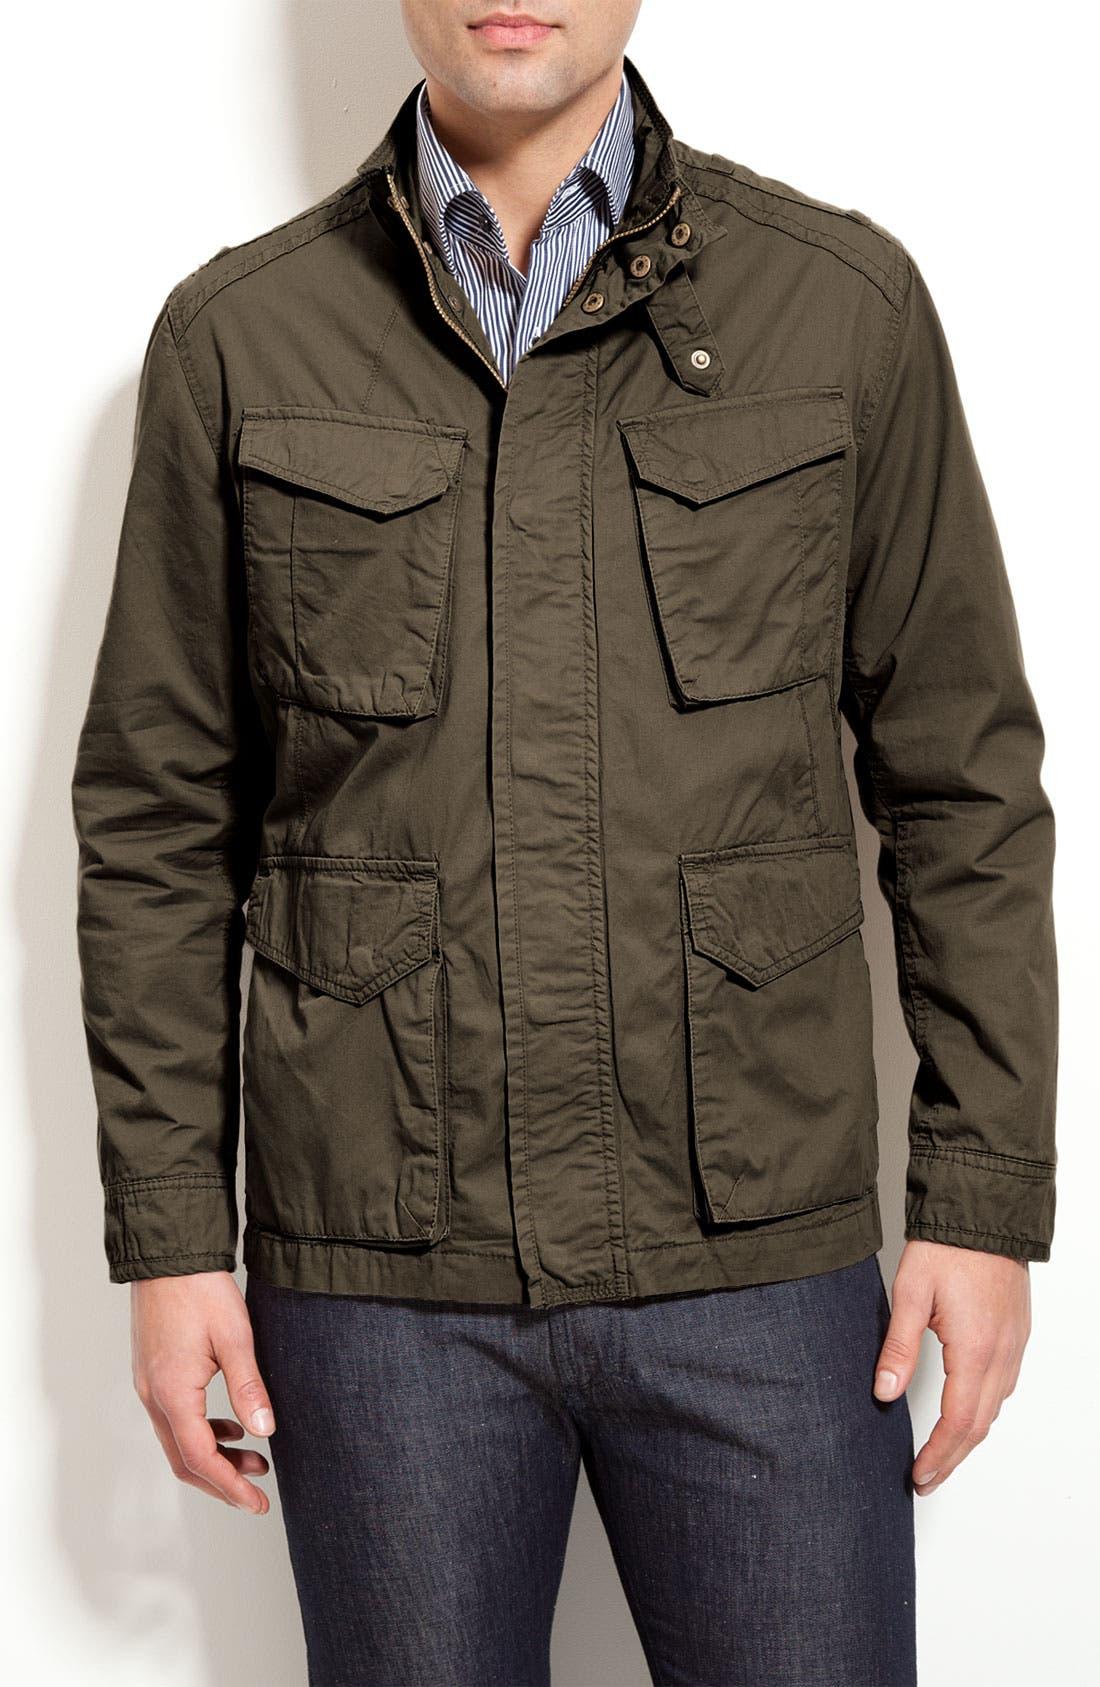 Alternate Image 1 Selected - Marc New York 'Edison' Jacket